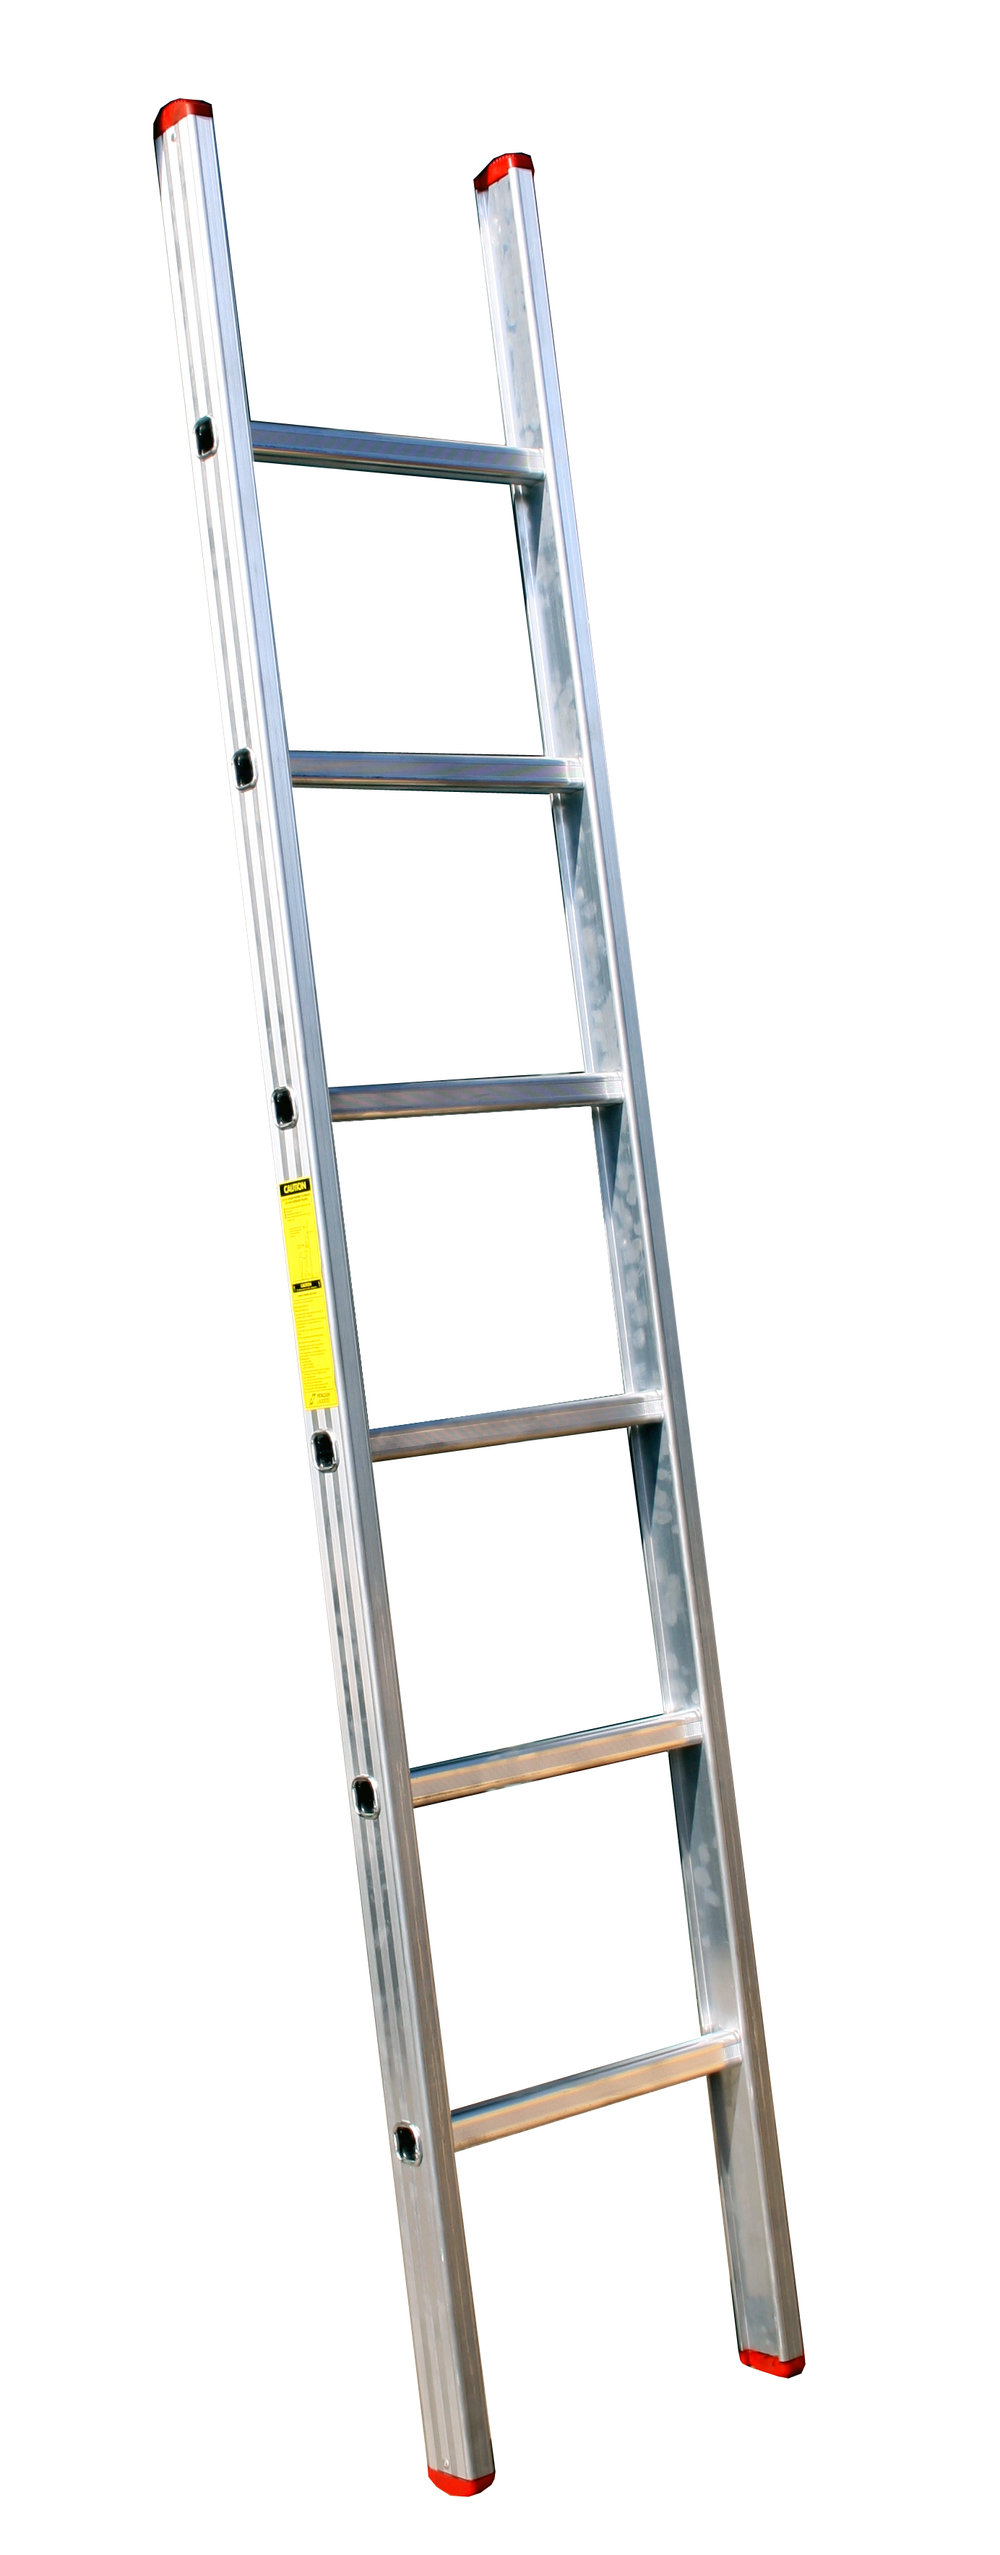 Full-Straight Ladder.jpg